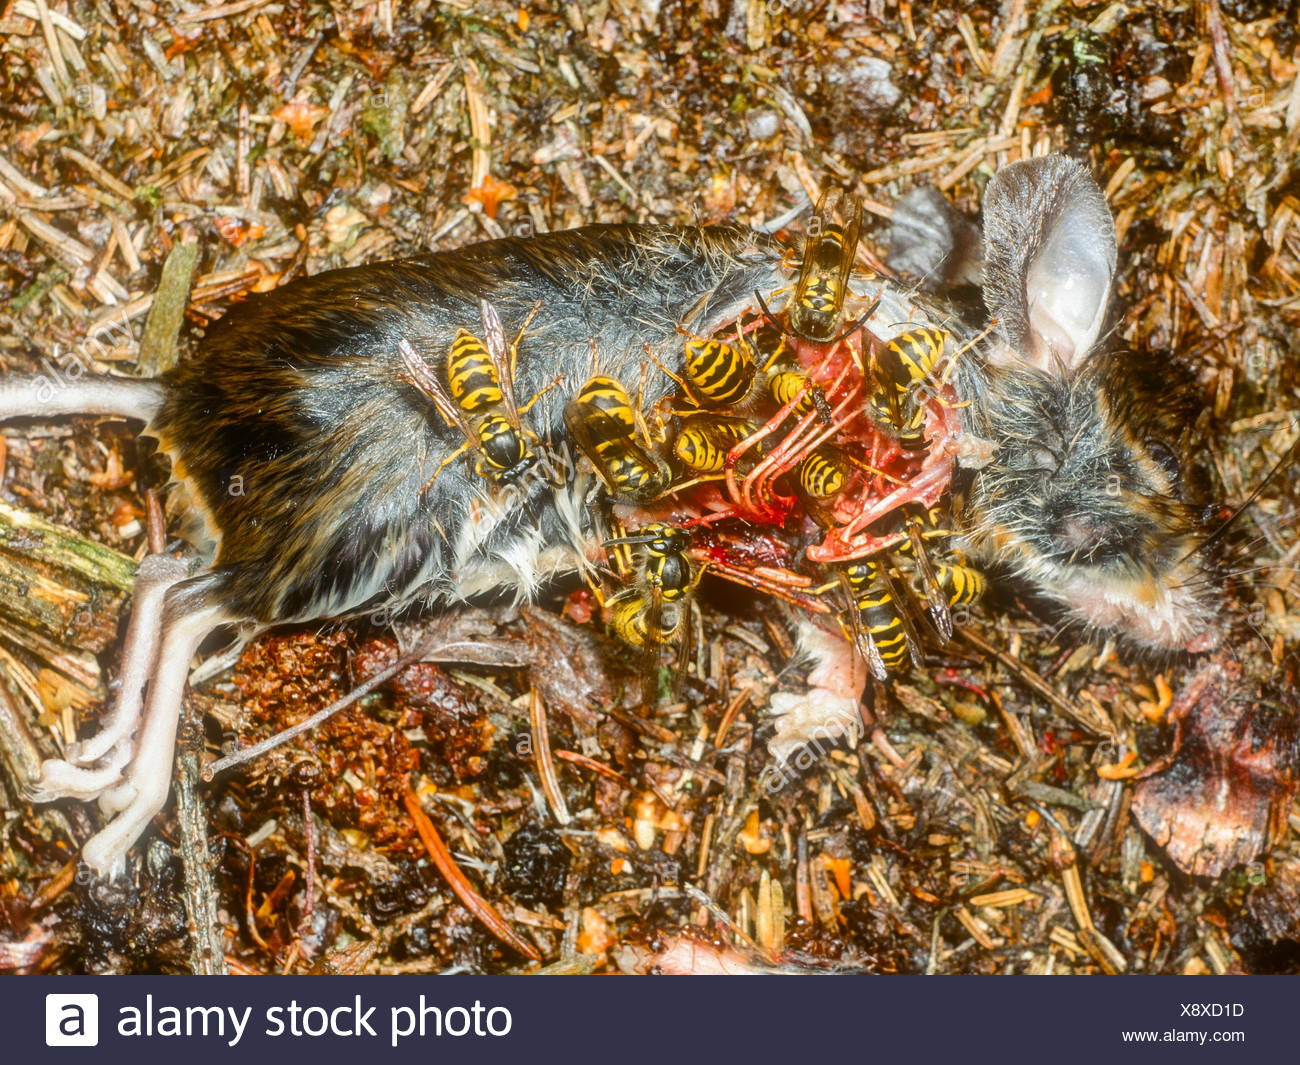 Saechsische Wespe (Dolichovespula saxonica, Vespula saxonica), Wespen fressen an toter Maus, Deutschland | Saxon wasp (Dolichove - Stock Image